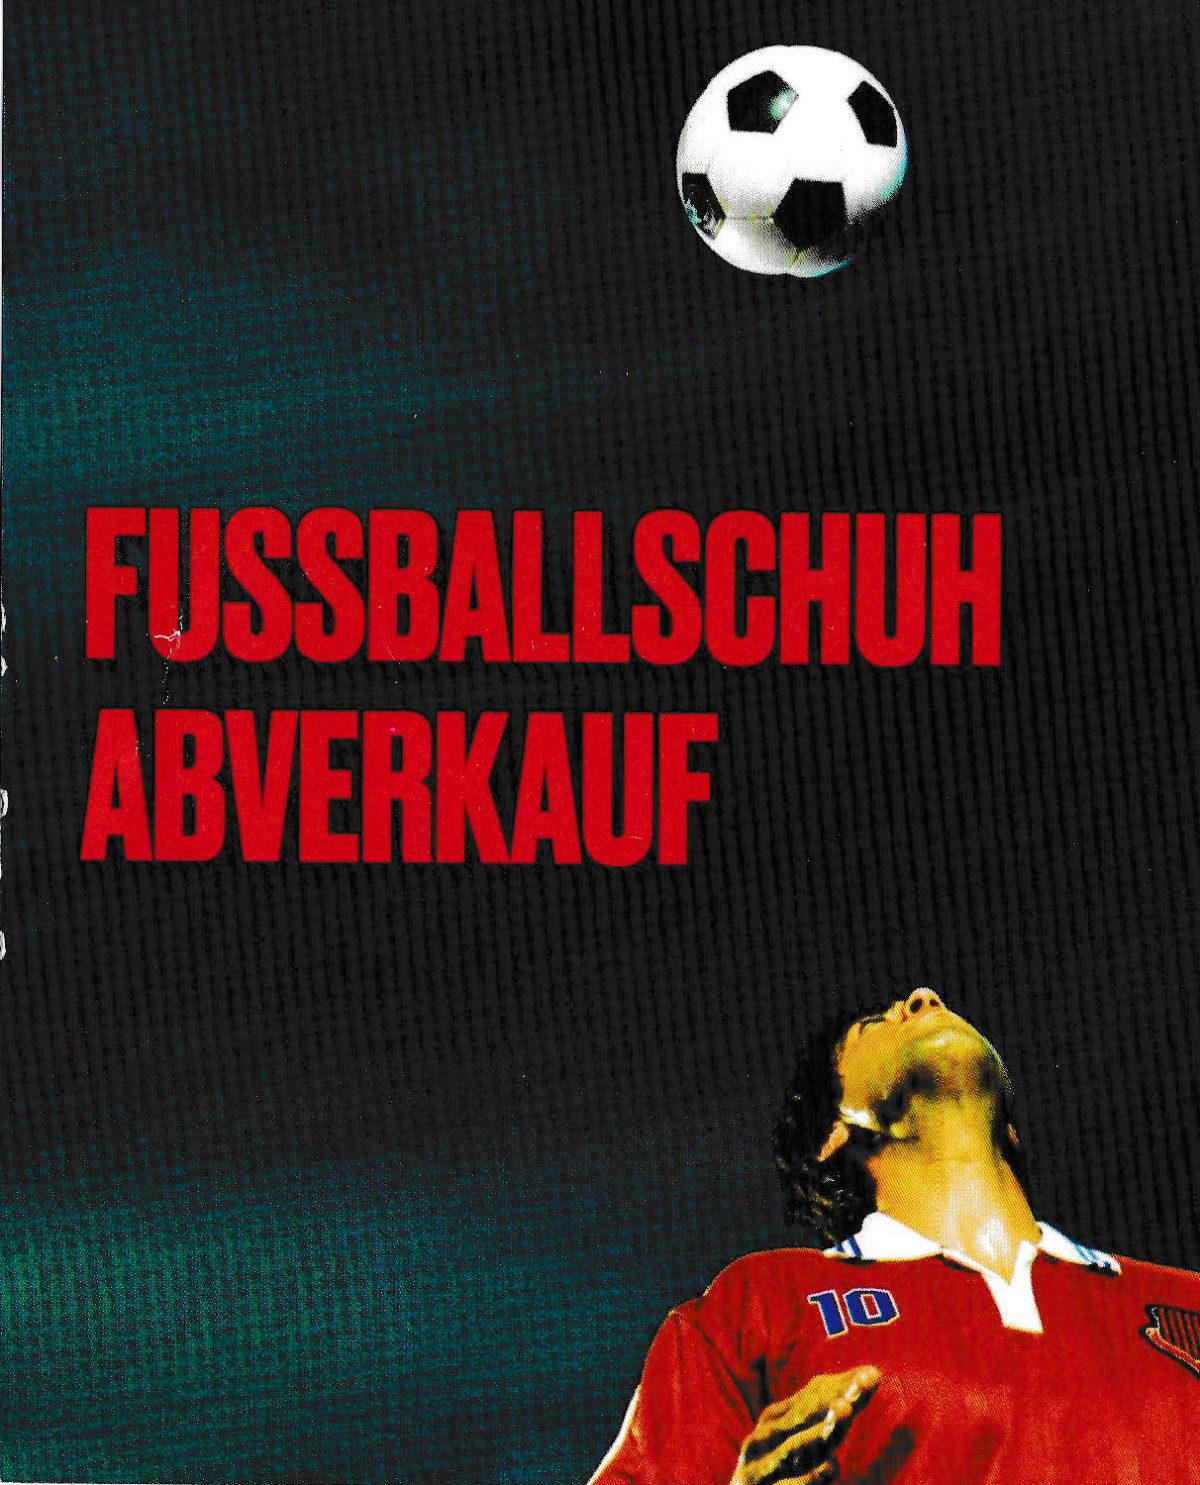 fussballschuh-abverkauf